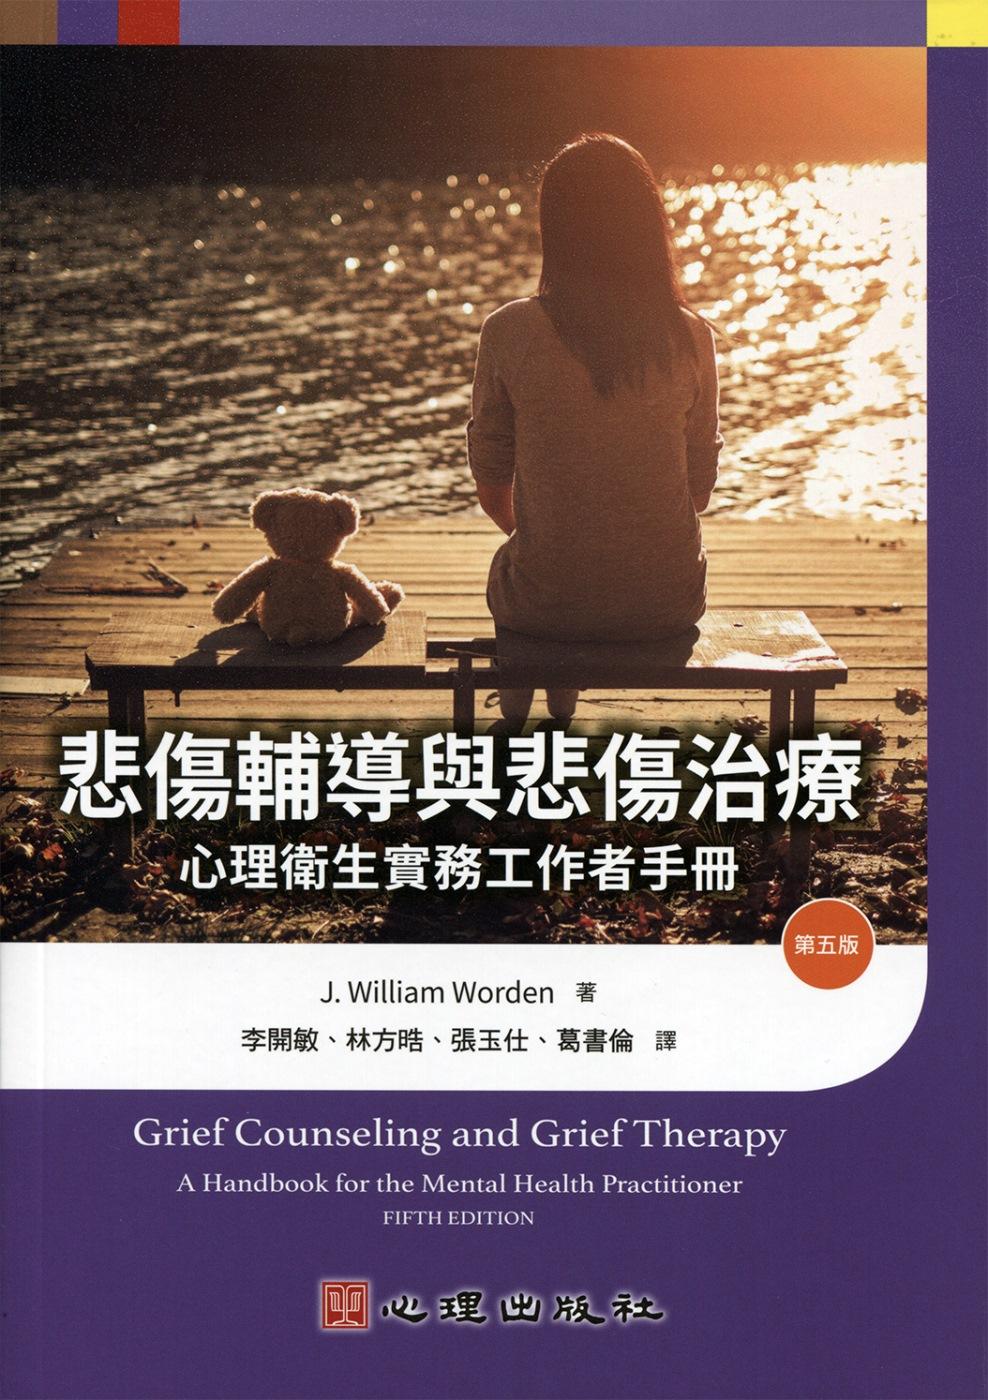 悲傷輔導與悲傷治療:心理衛生實...